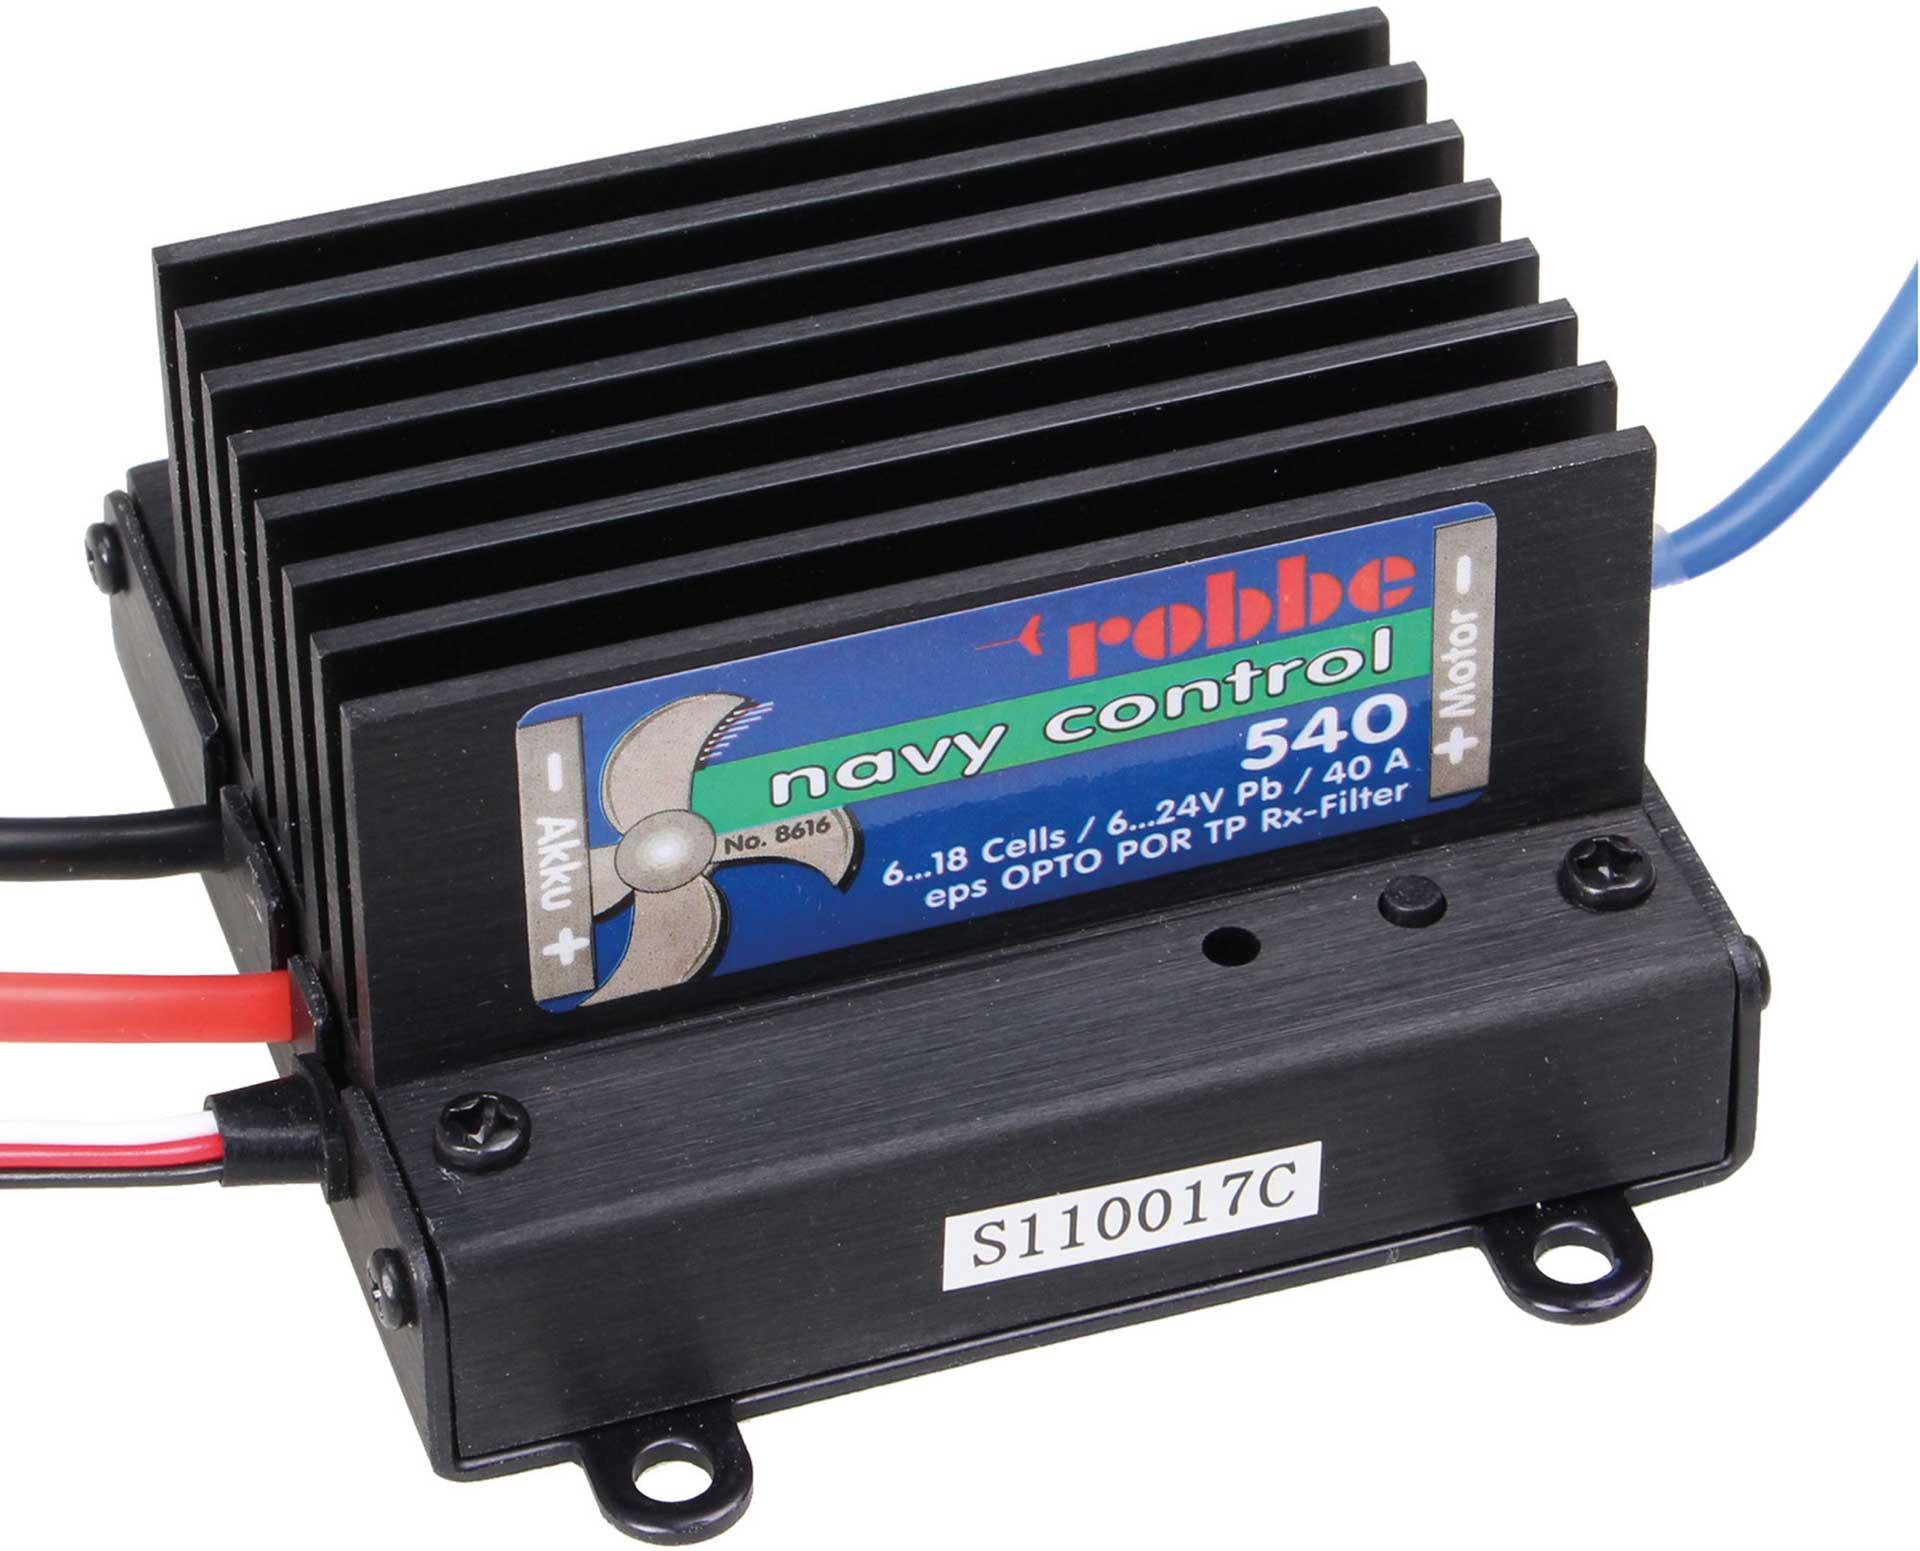 Robbe Modellsport NAVY CONTROL 540 R Regler